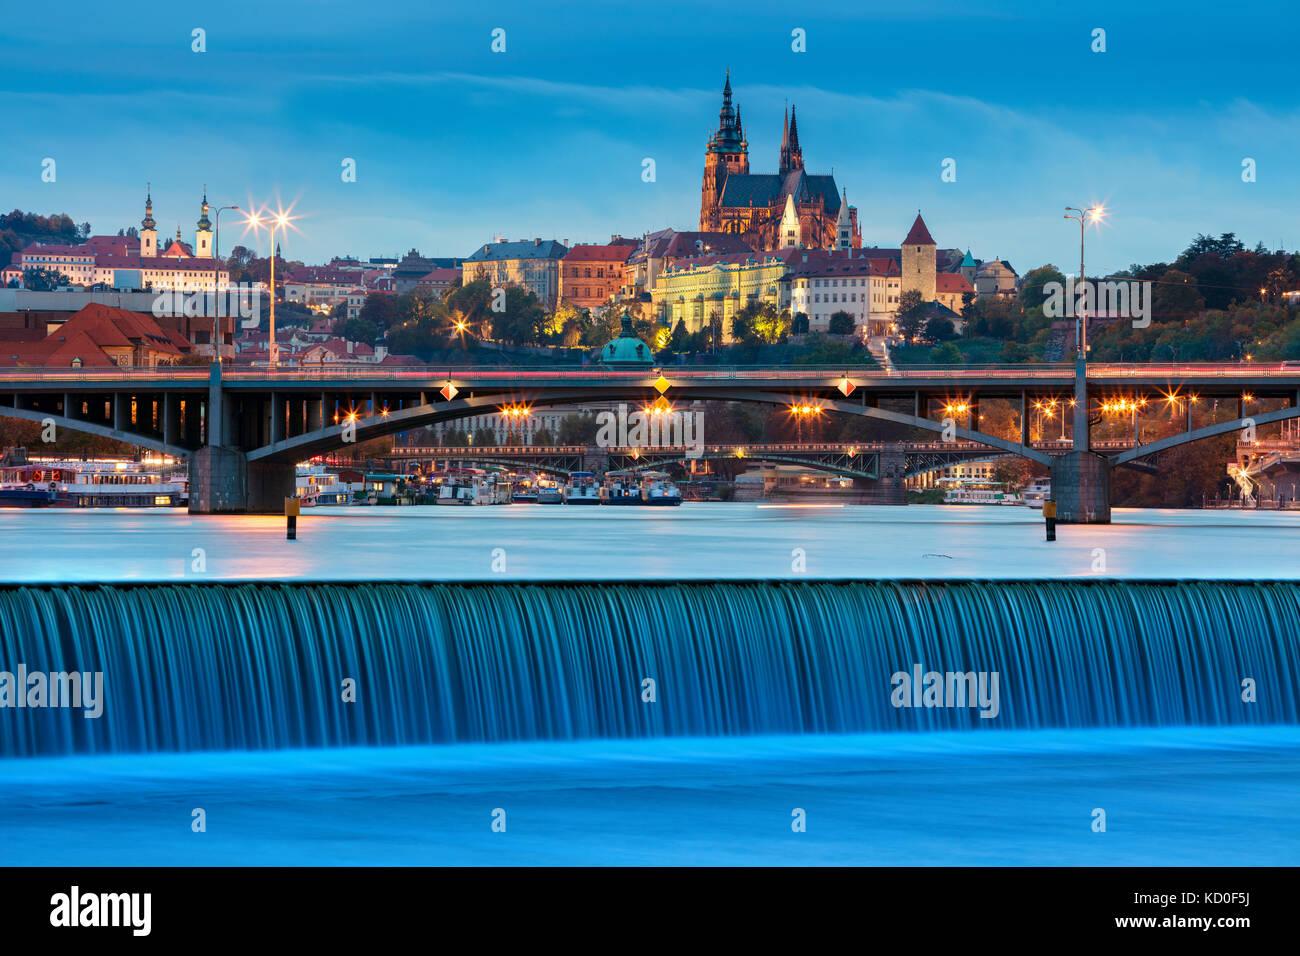 Prag. Bild von Prag, Hauptstadt der Tschechischen Republik, während der Dämmerung blaue Stunde. Stockbild